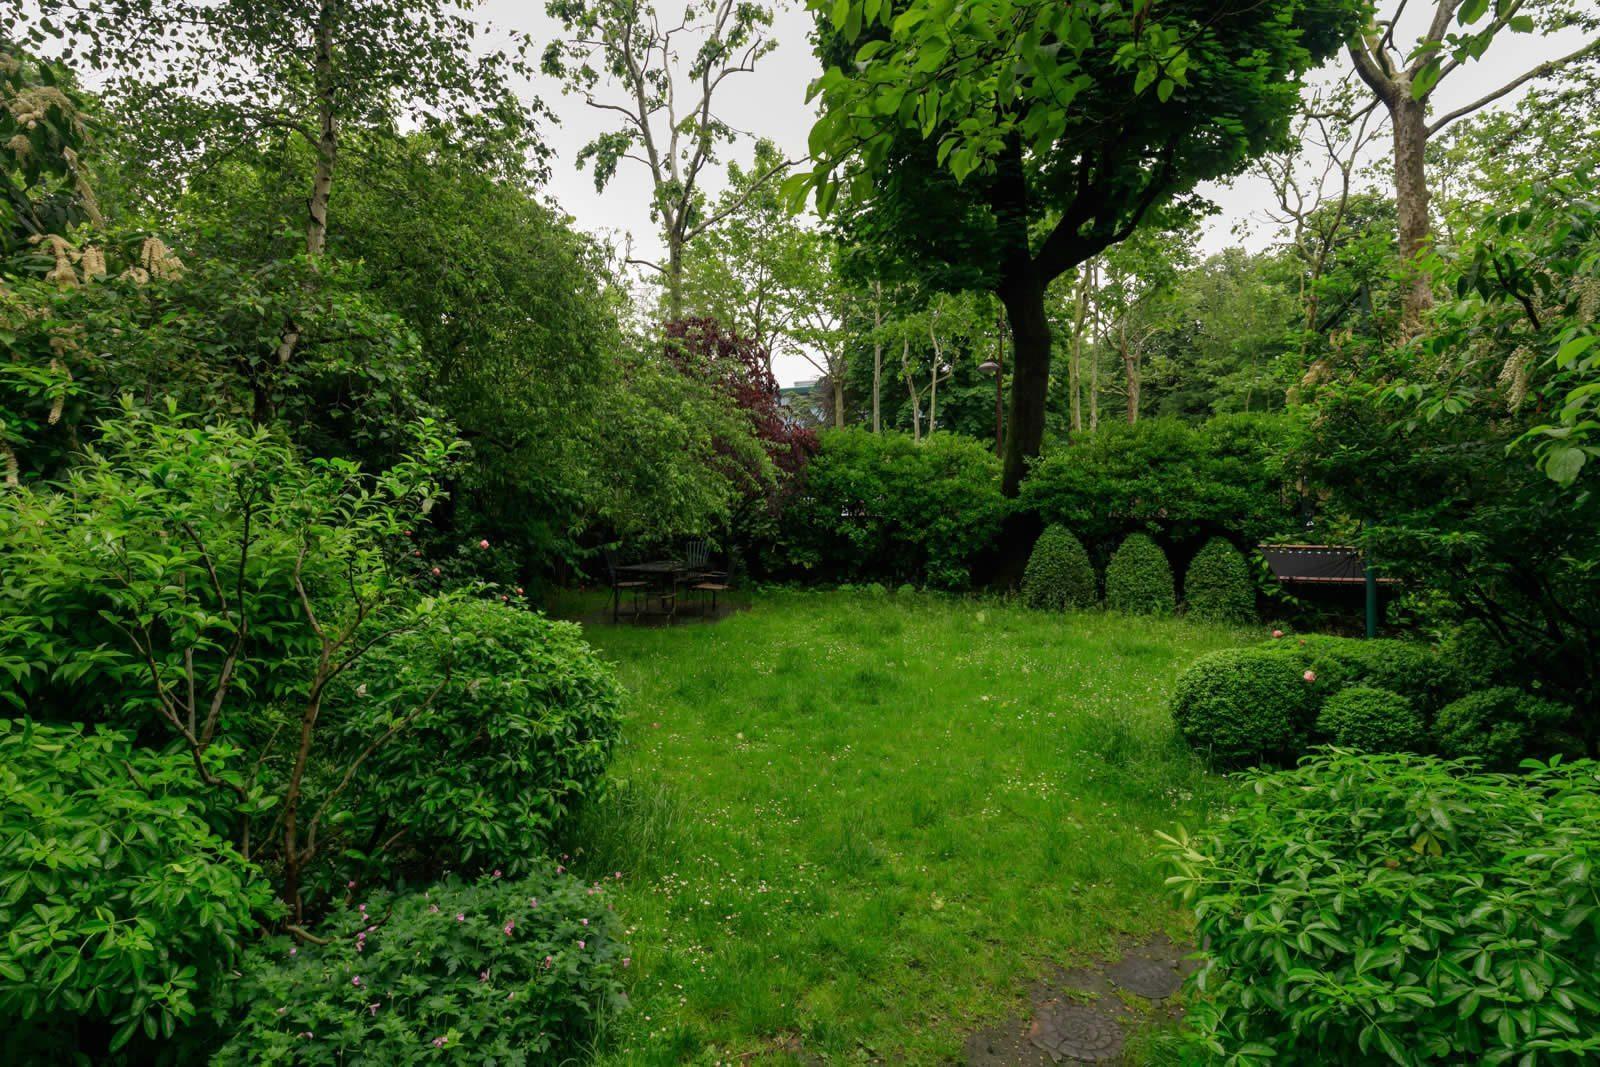 maison-mystique-cheminee-entouree-nature-a-vendre